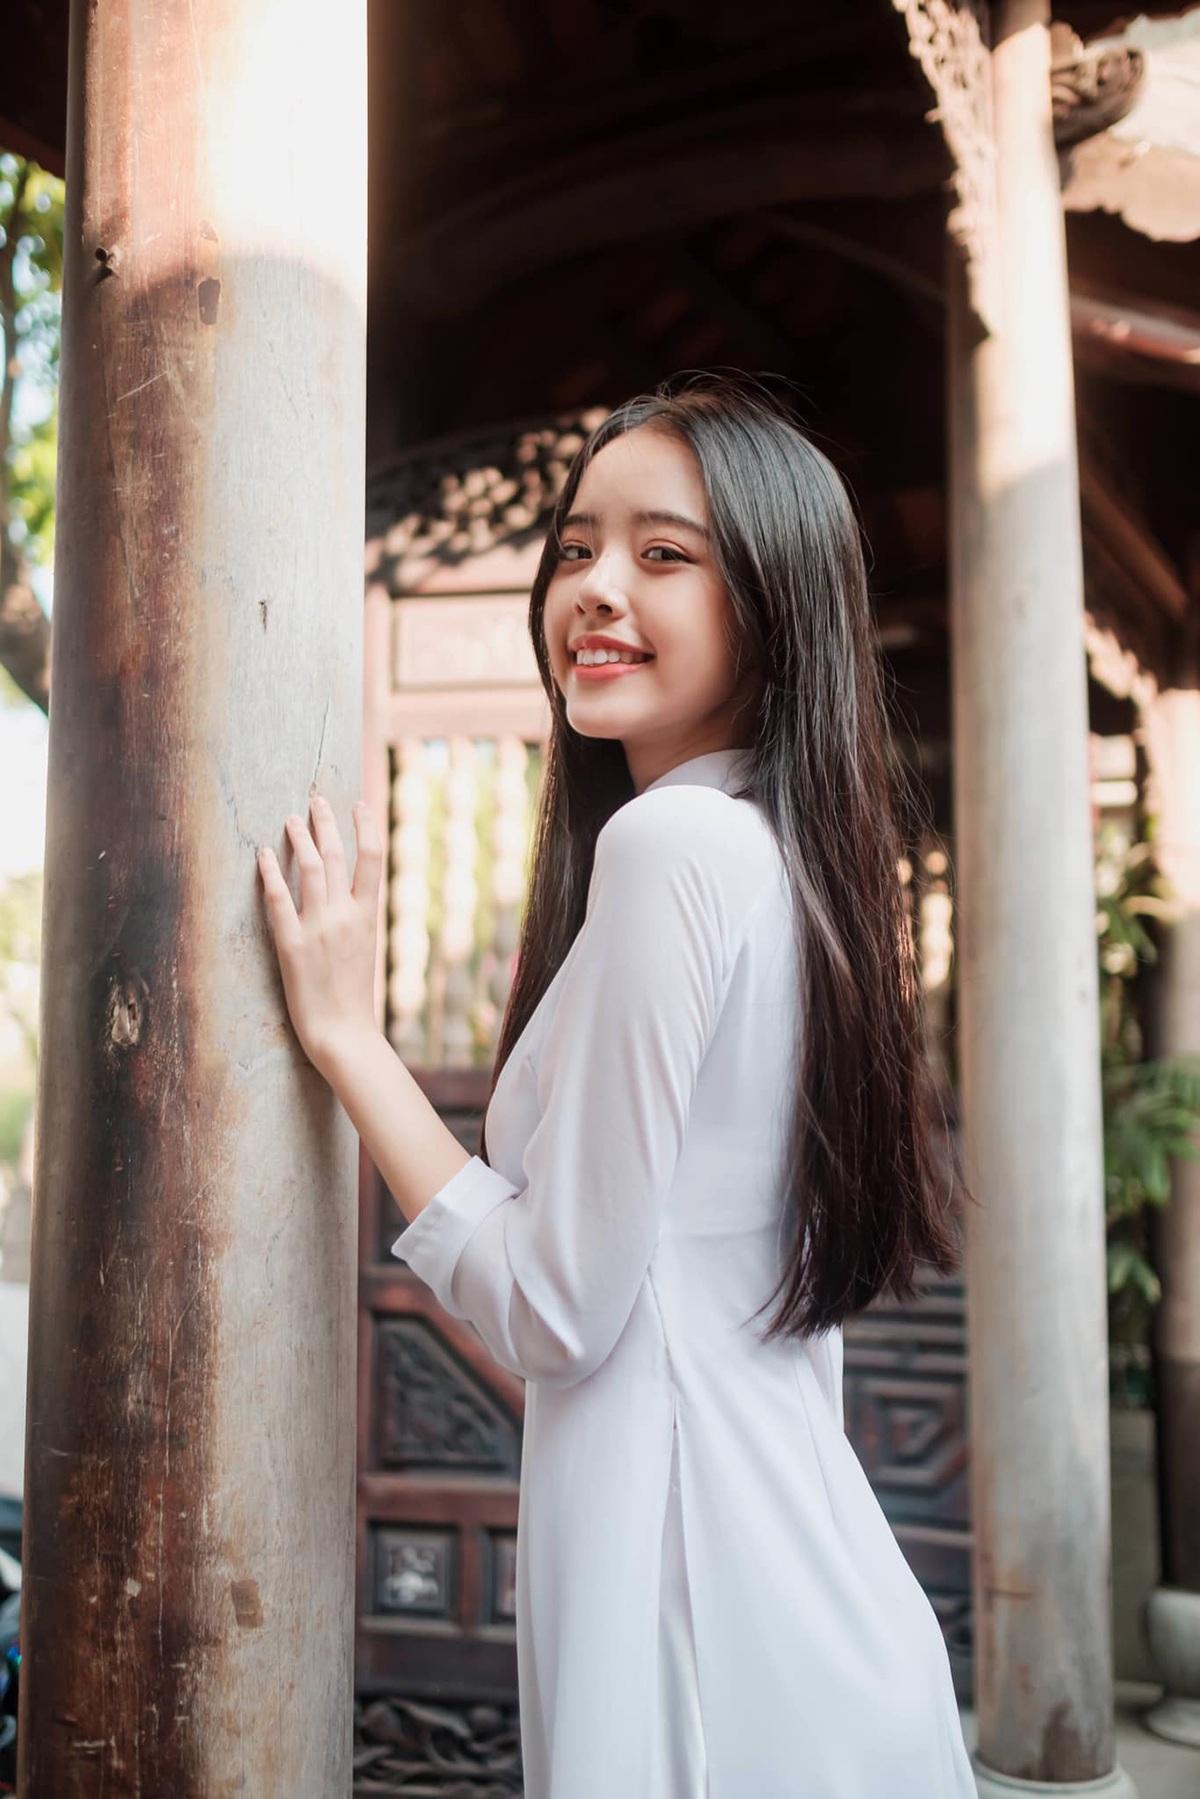 Nữ sinh Đà Nẵng khoe sắc xuân thì trong tà áo dài duyên dáng - 6